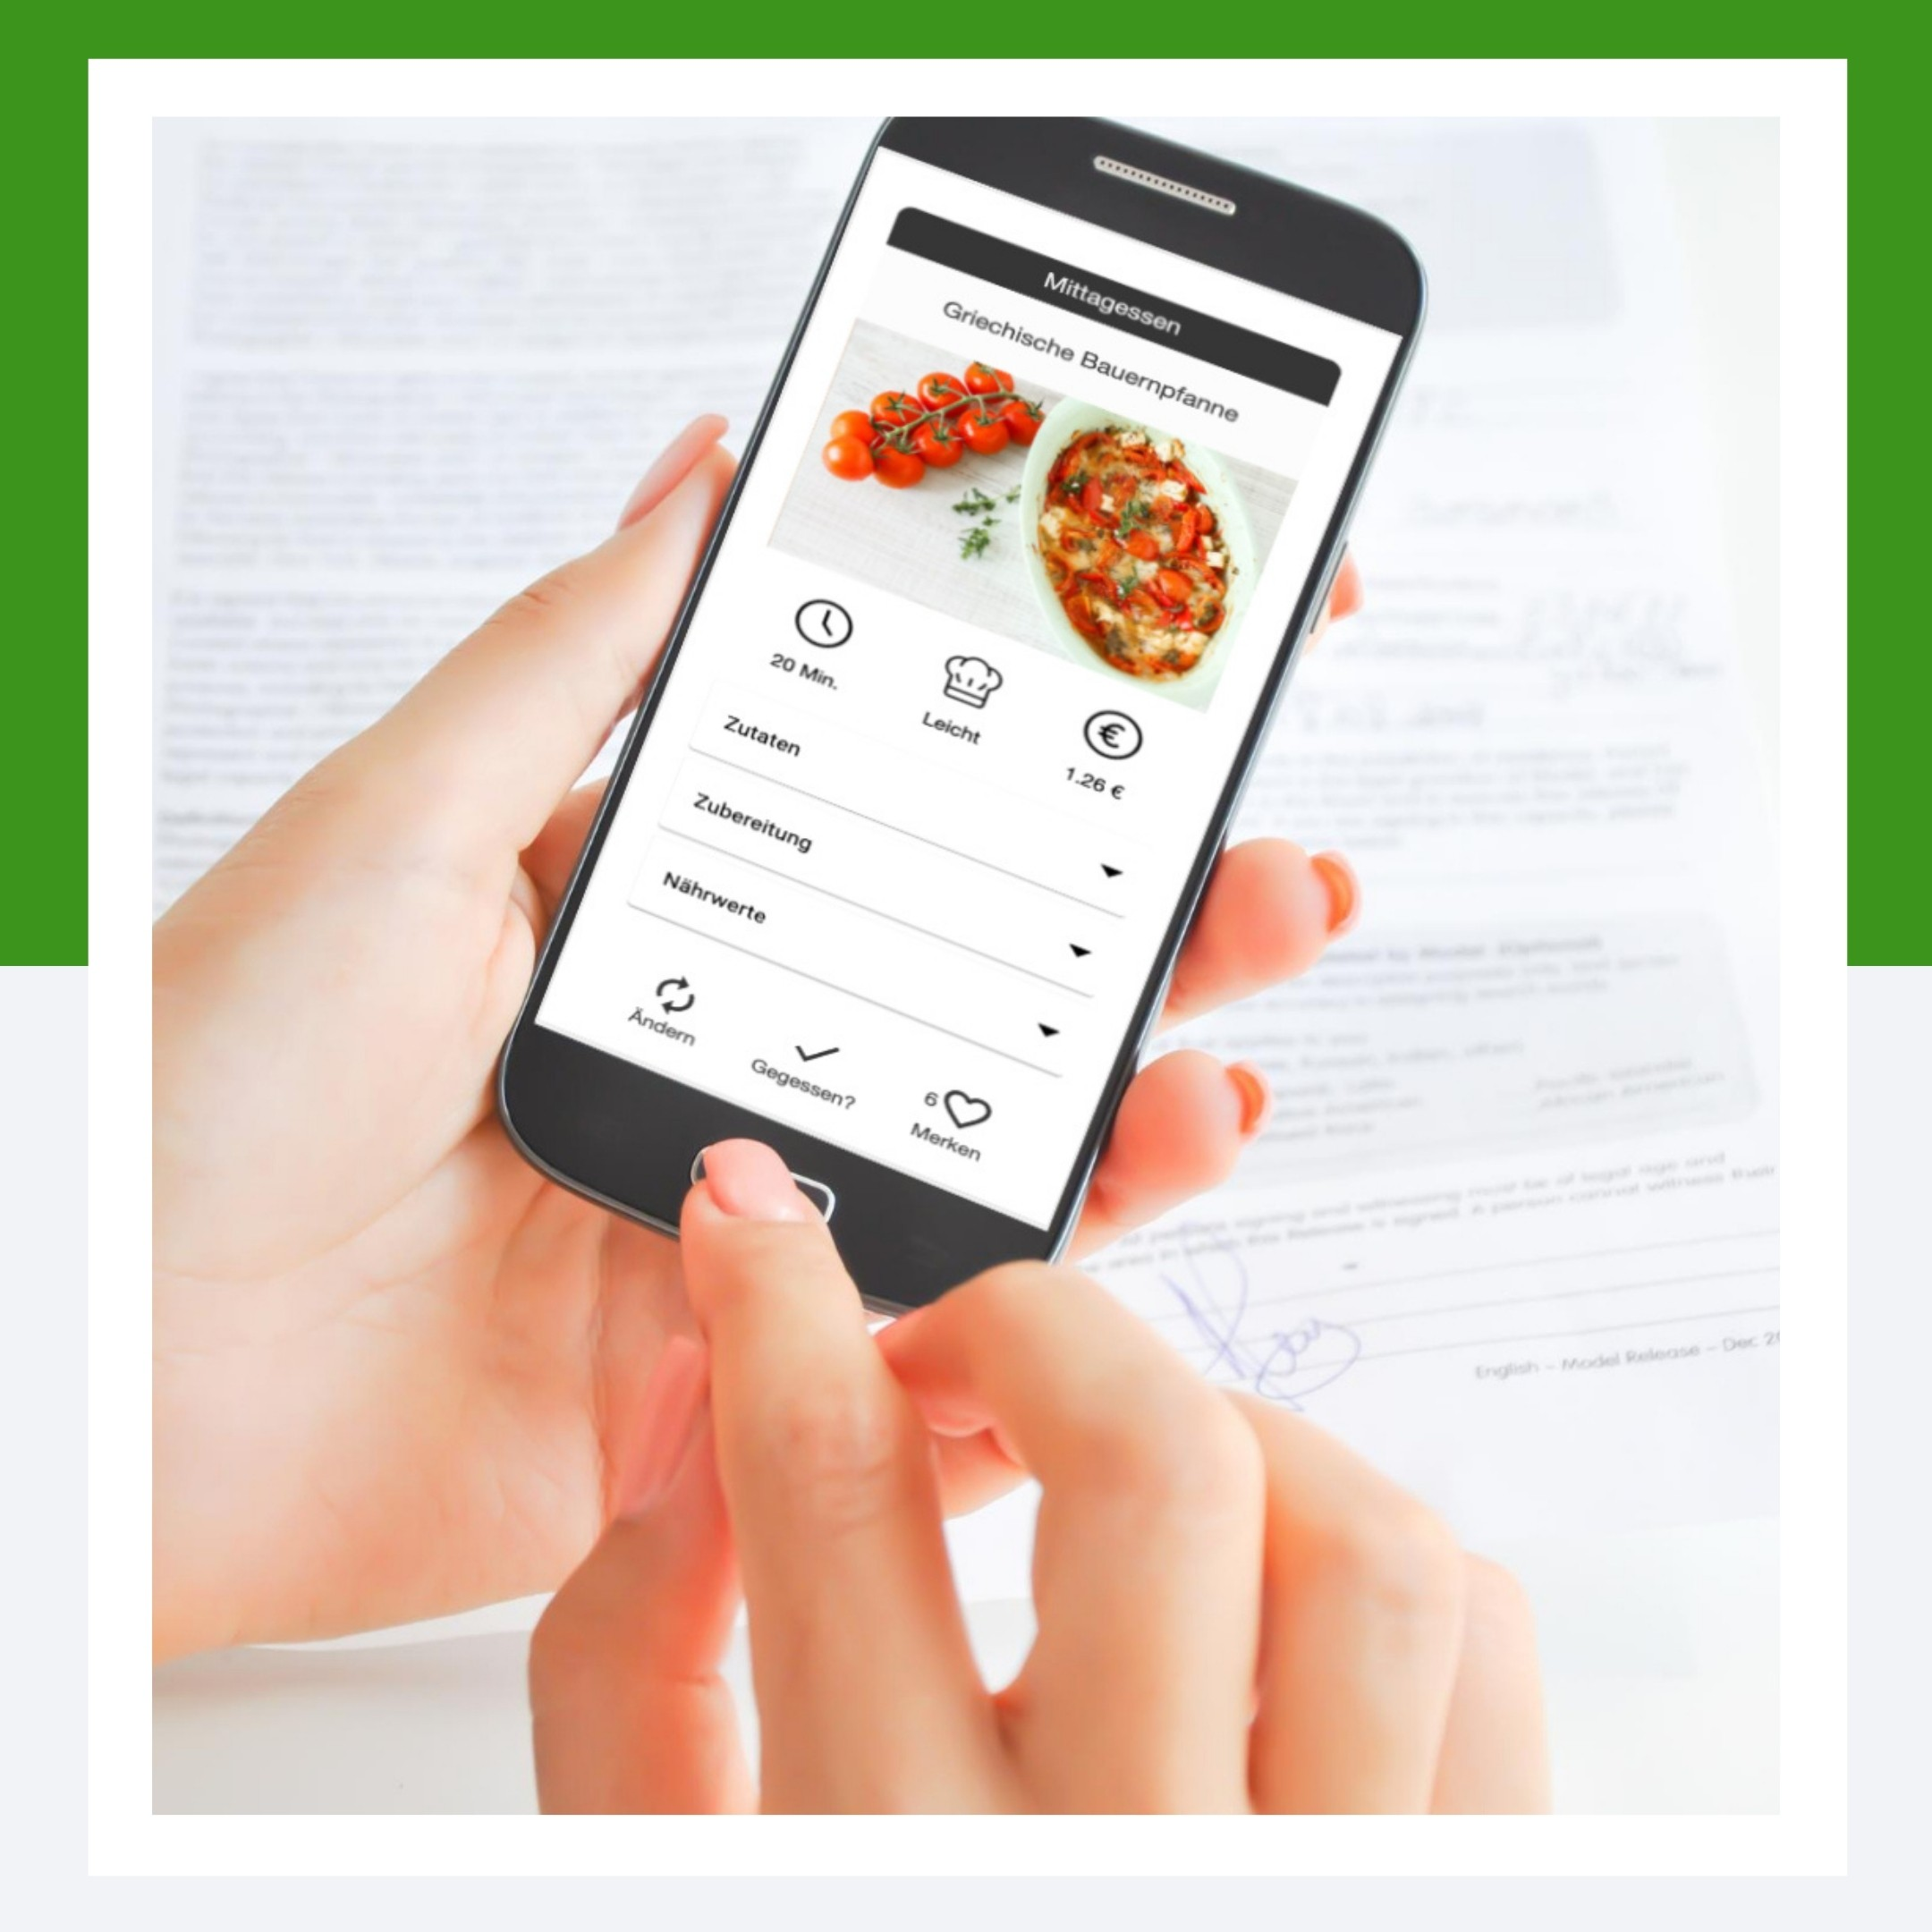 Ernährungs-App Demo-Zugang zur Erstellung von Ernährungsplänen - Software-Tool für Ernährungsberatung für Personal Trainer, Fitnesstudios, Ernährungsberater